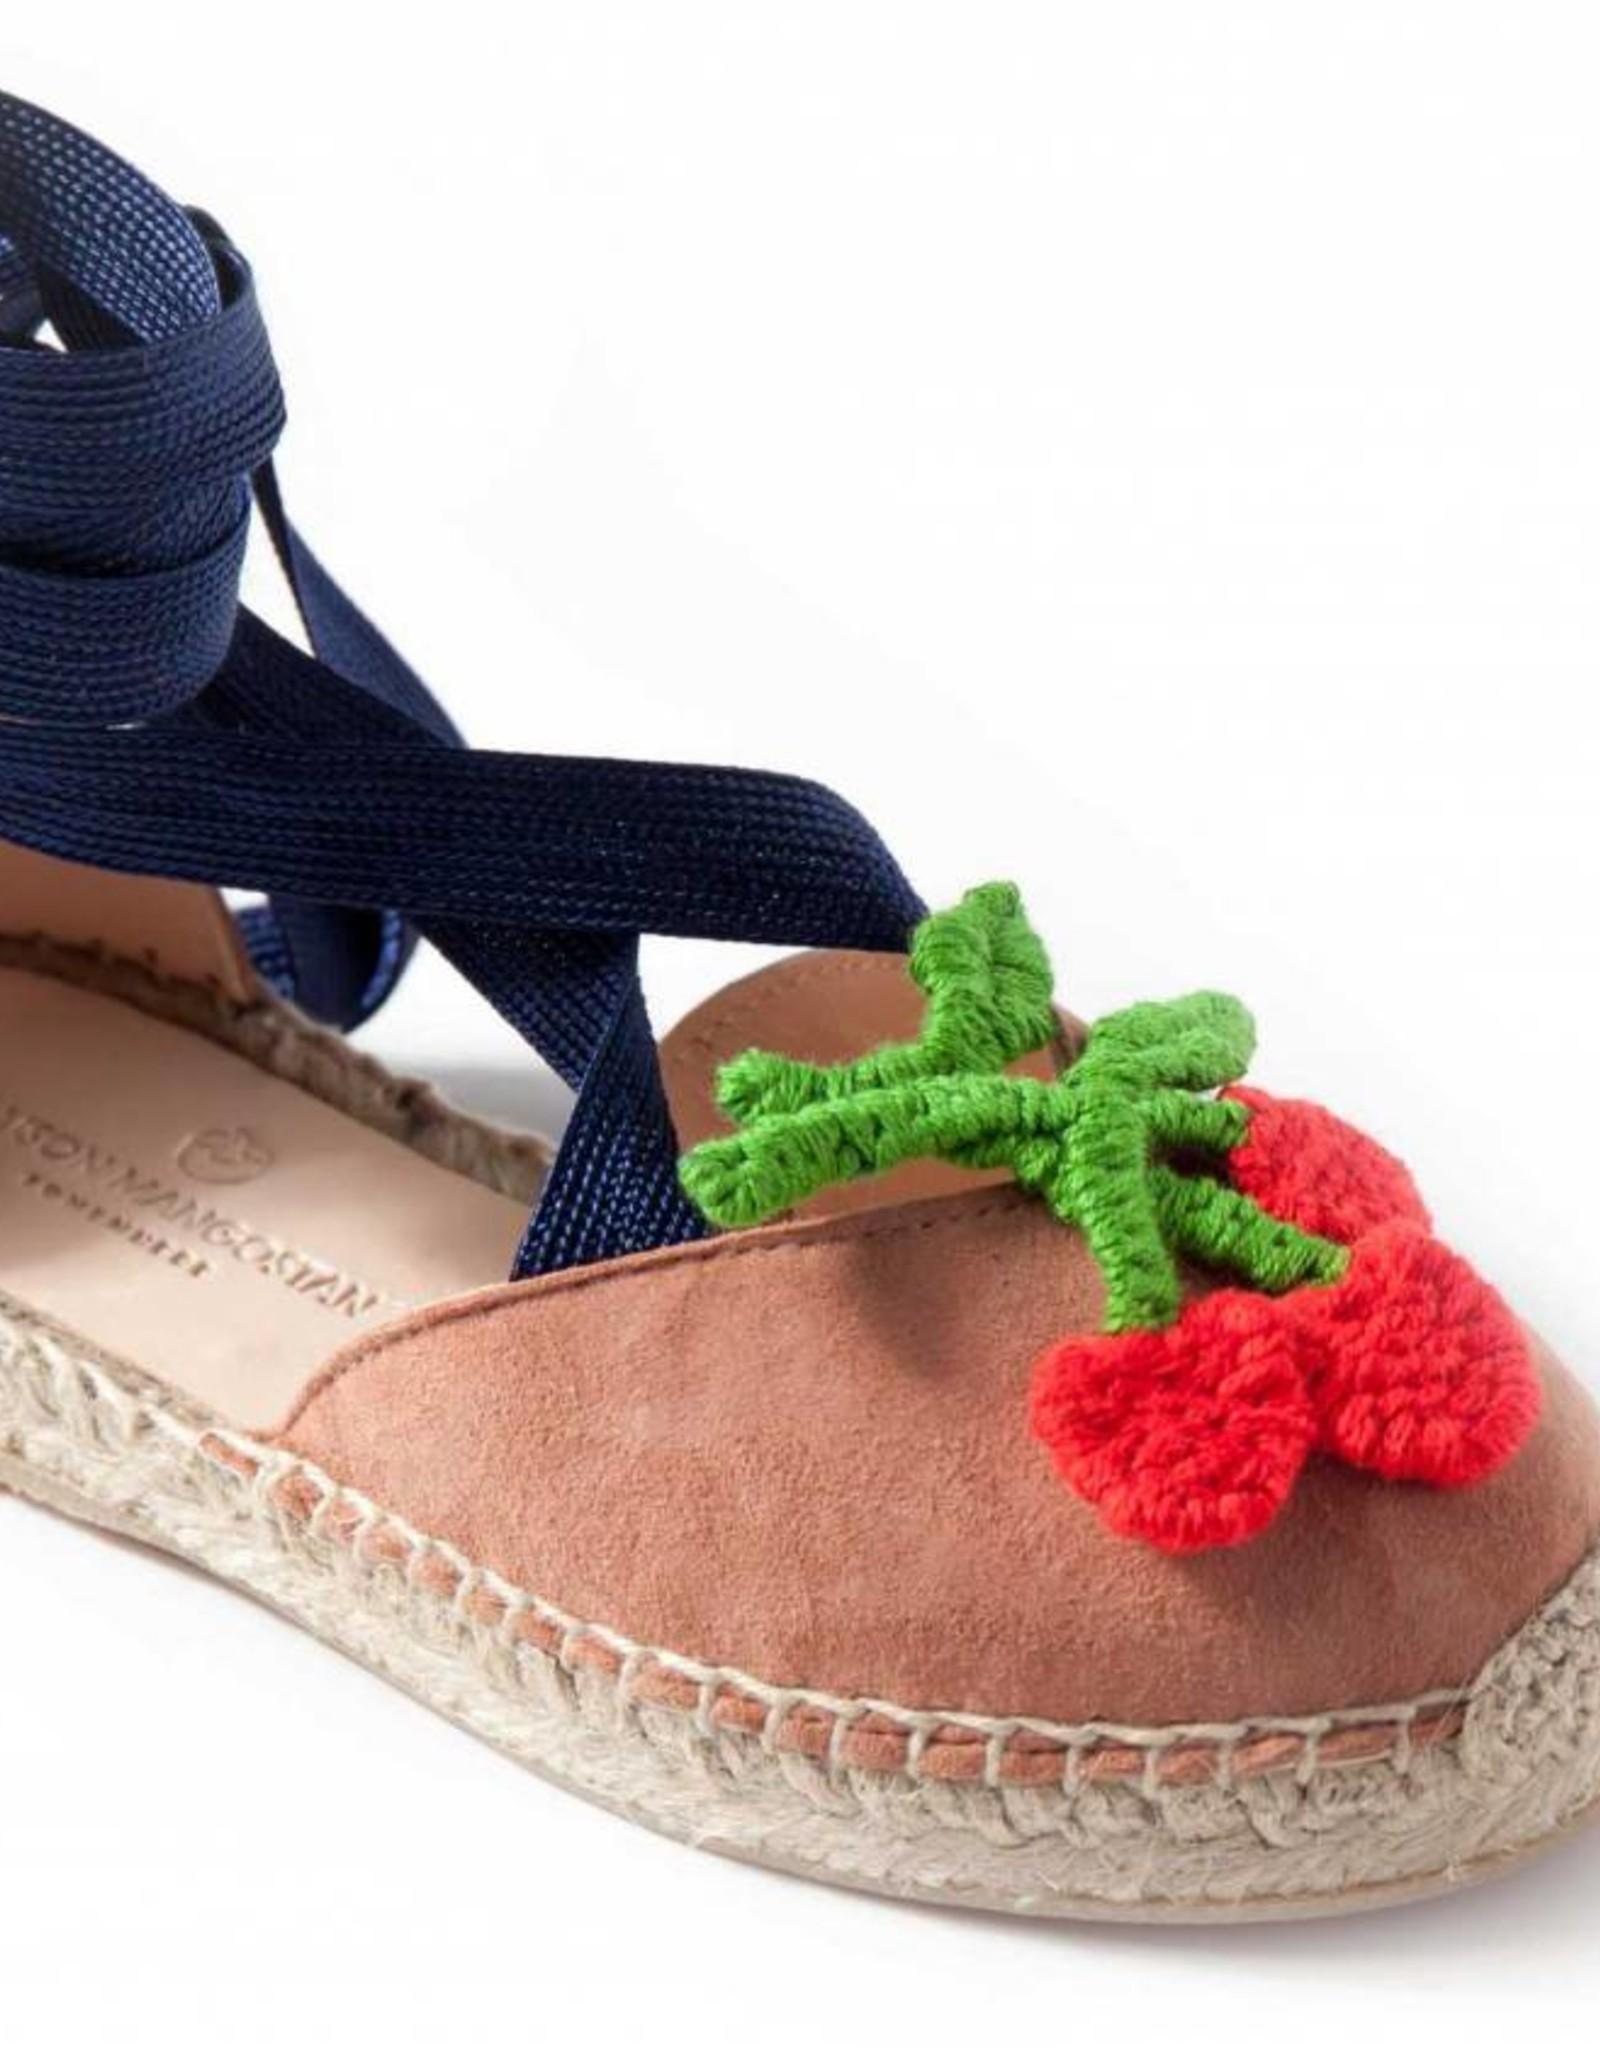 Macedonia cherry sandals